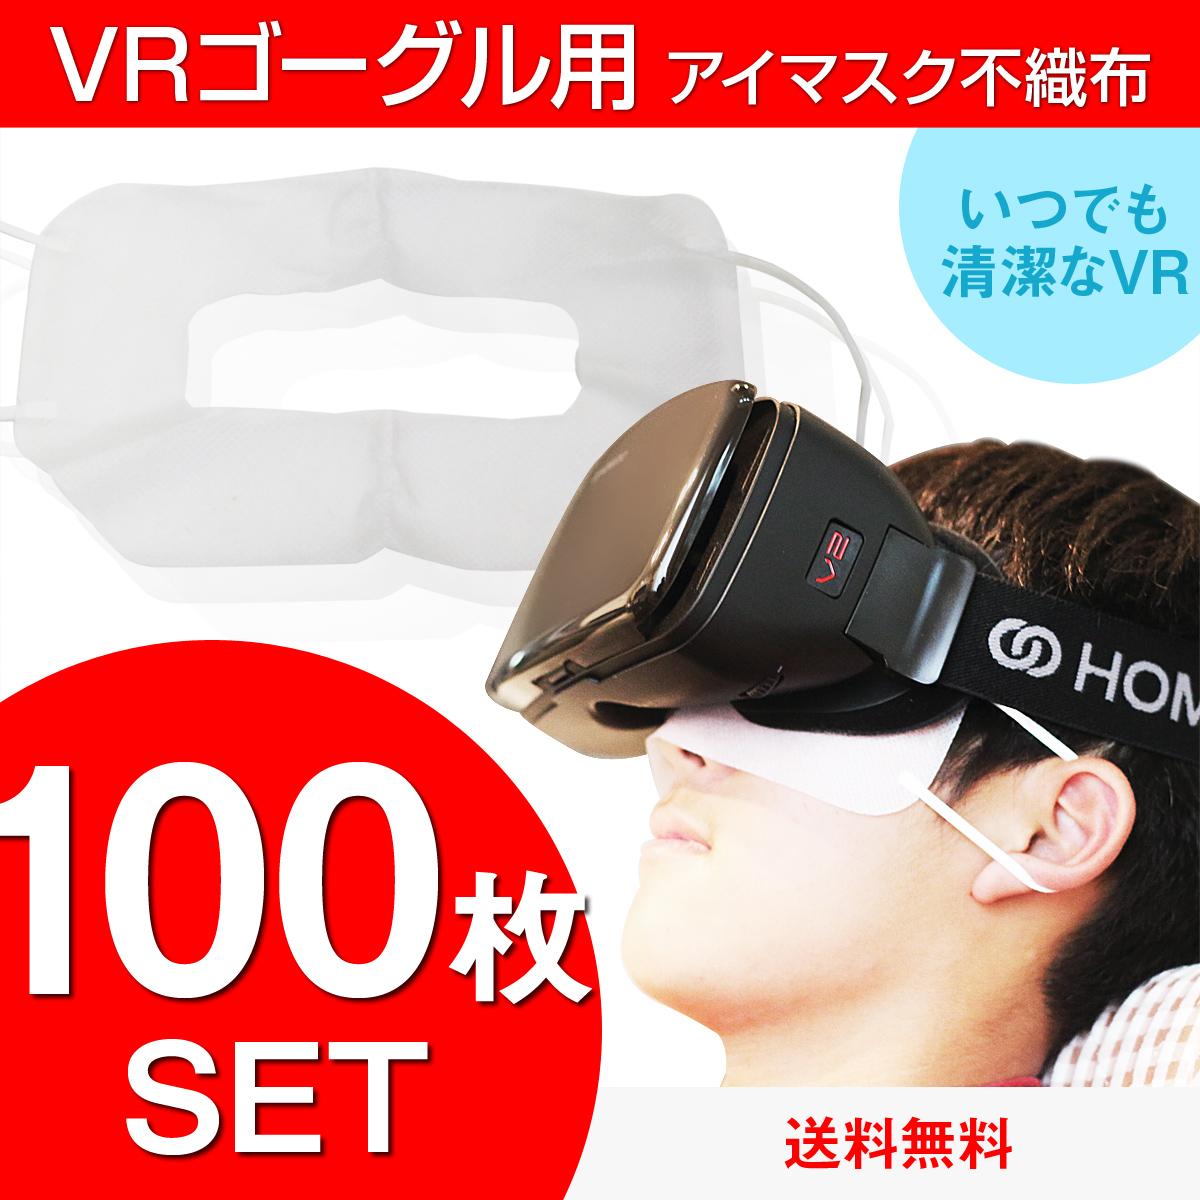 VR体験用の衛生布アイマスクです 体験会 イベント等の不特定多数の人が使用する際に最適 カットが広すぎない VRマスク 体験用衛生布 スマホVR バーチャルリアリティ VRゴーグル 100枚入り 記念日 ニンジャマスク MASK 学園祭 爆安 NINJA ギフト プレゼント 景品